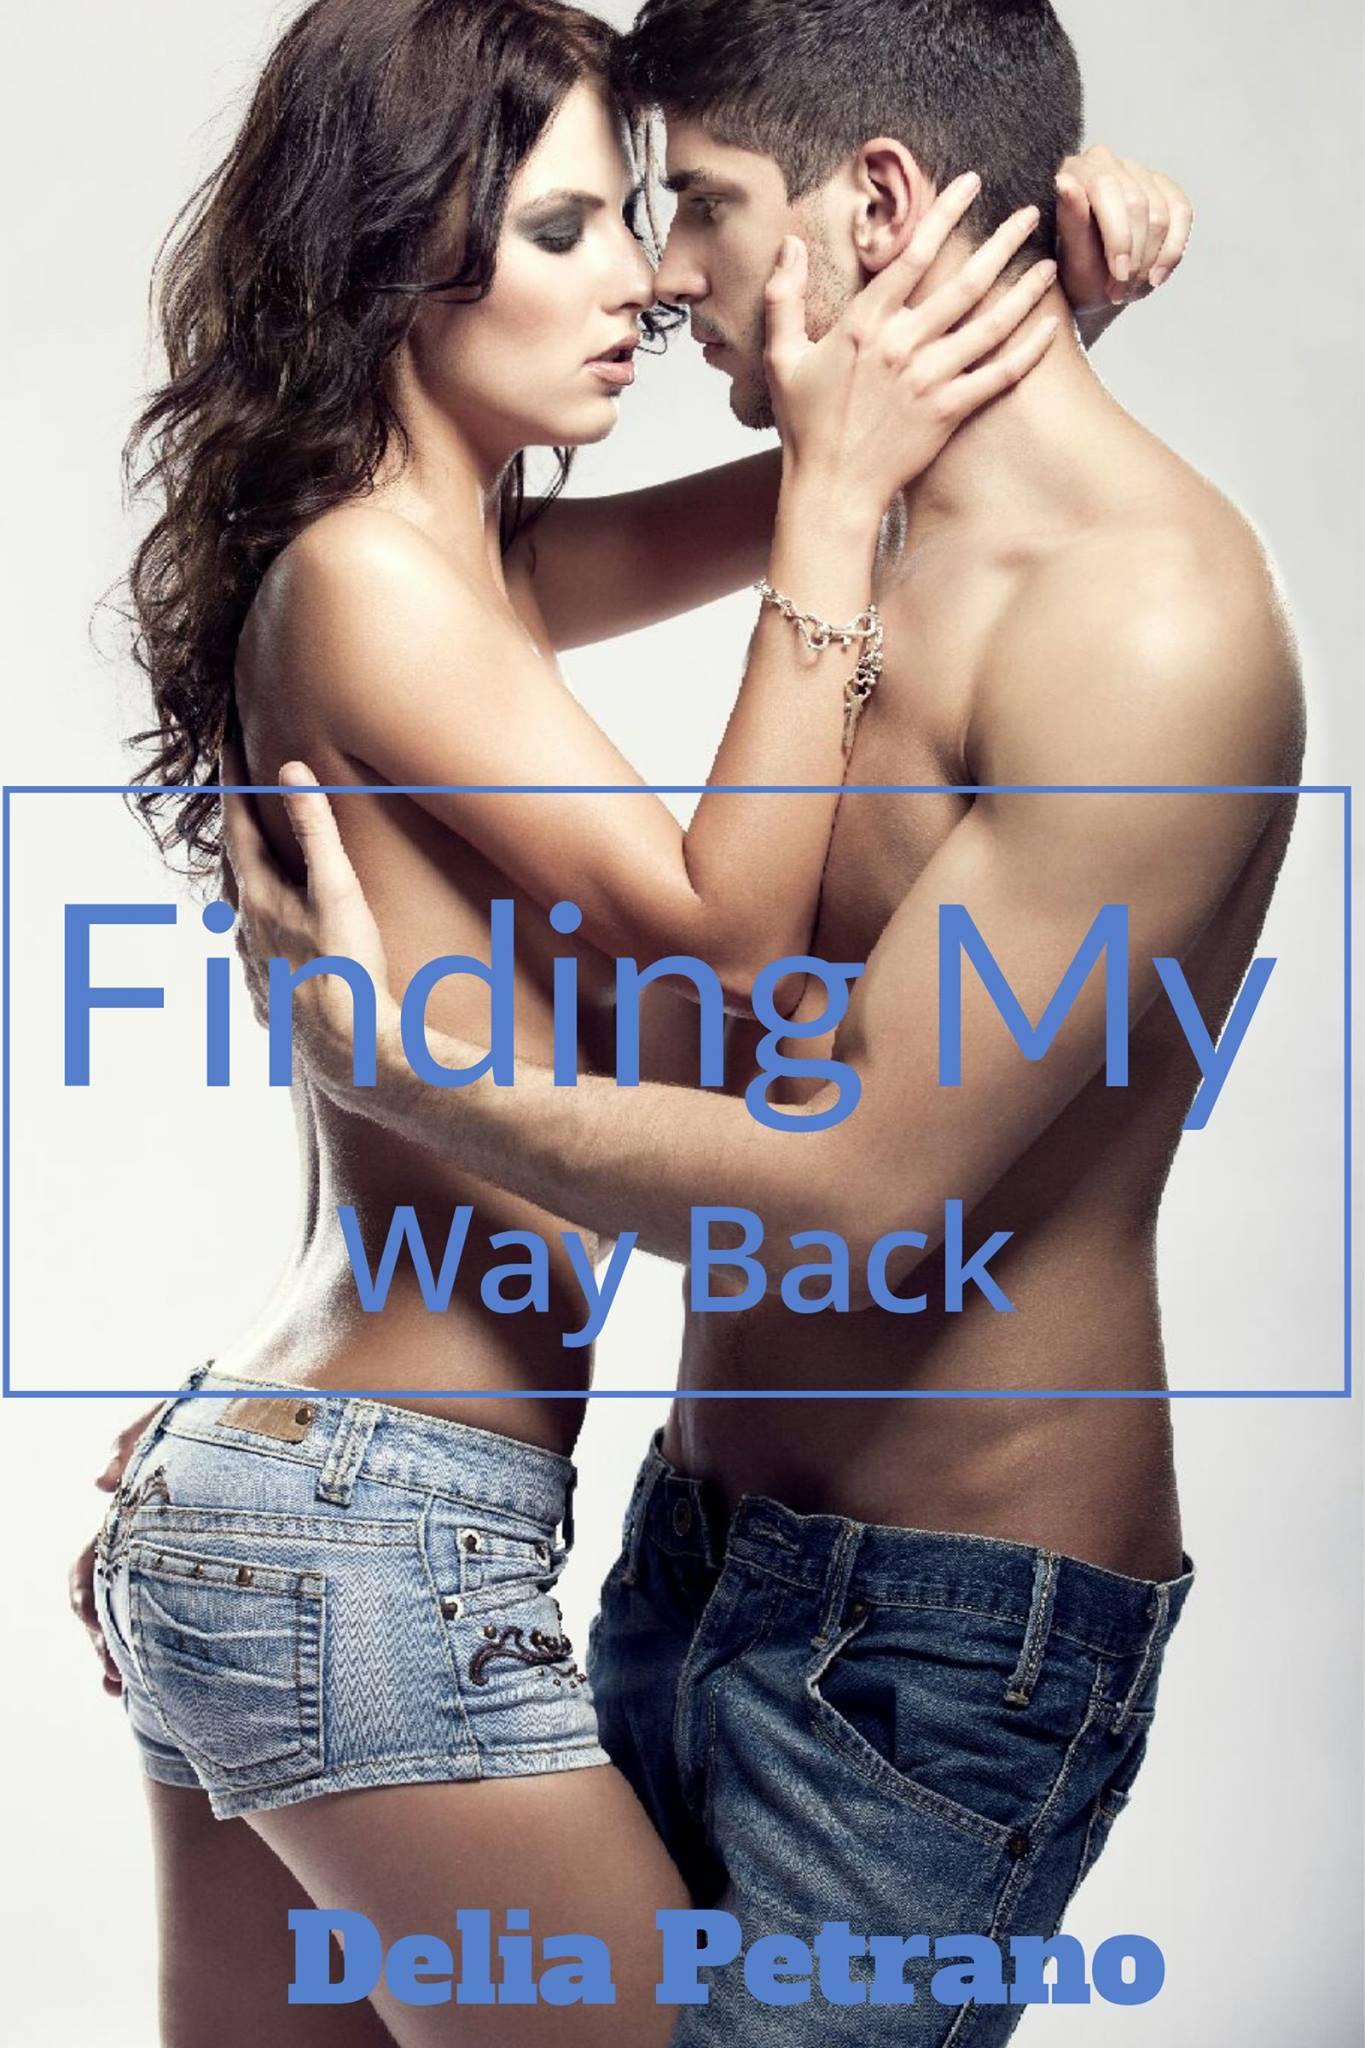 Finding My Way Back - Delia Petrano.jpg